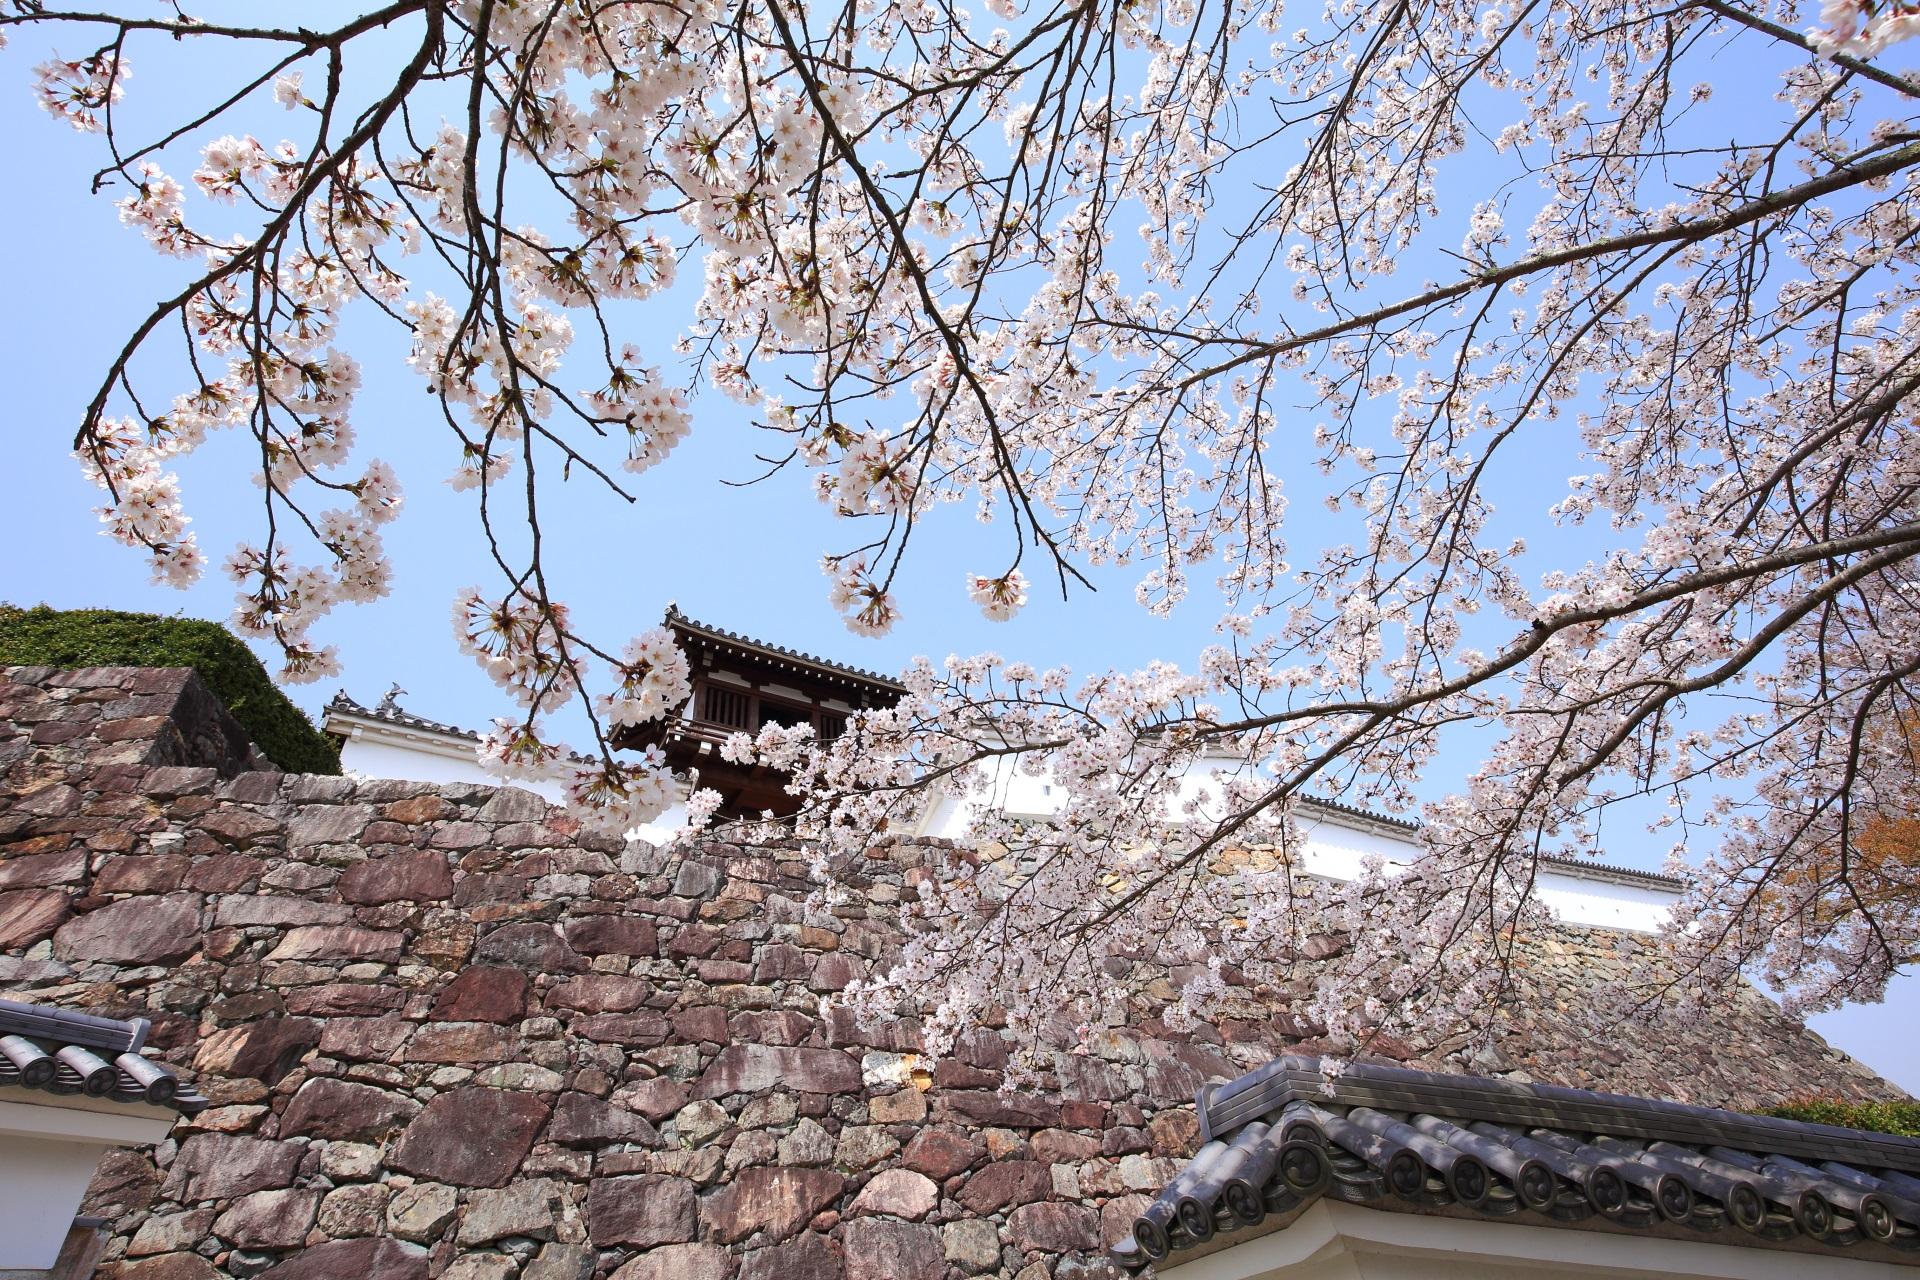 青空と石垣を覆う絶品の桜